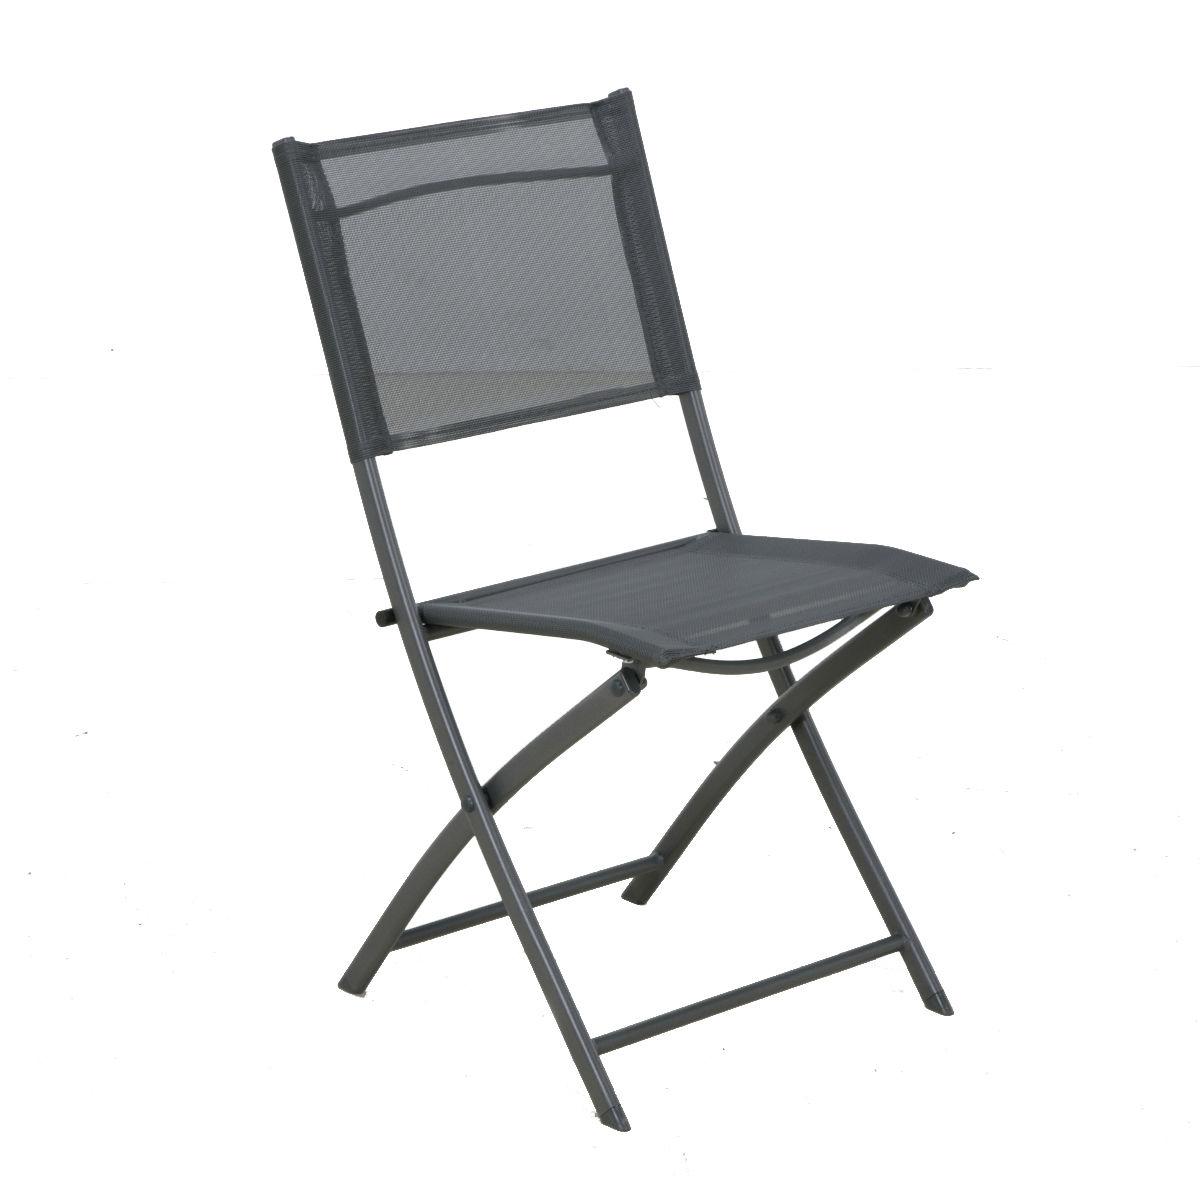 sedia pieghevole palma grigio prezzi e offerte online. Black Bedroom Furniture Sets. Home Design Ideas